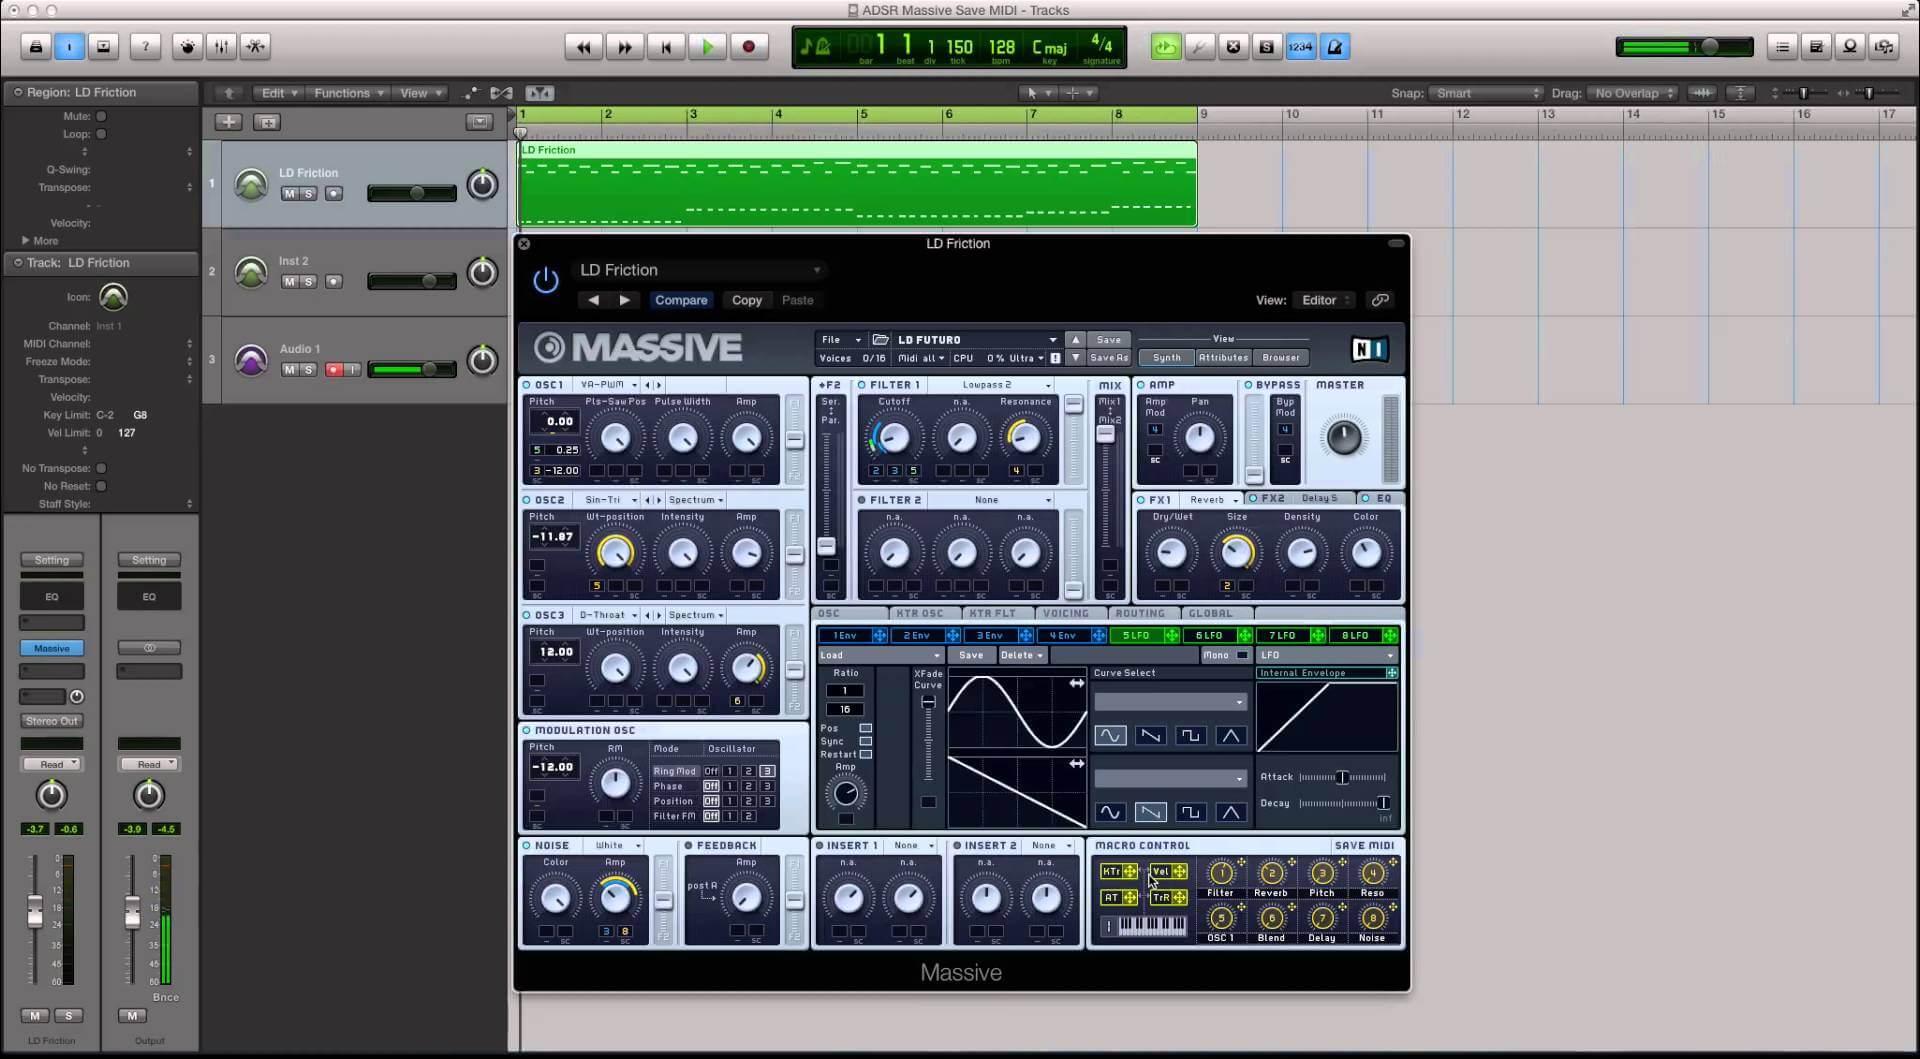 Learn How To make Custom MIDI Maps in Massive